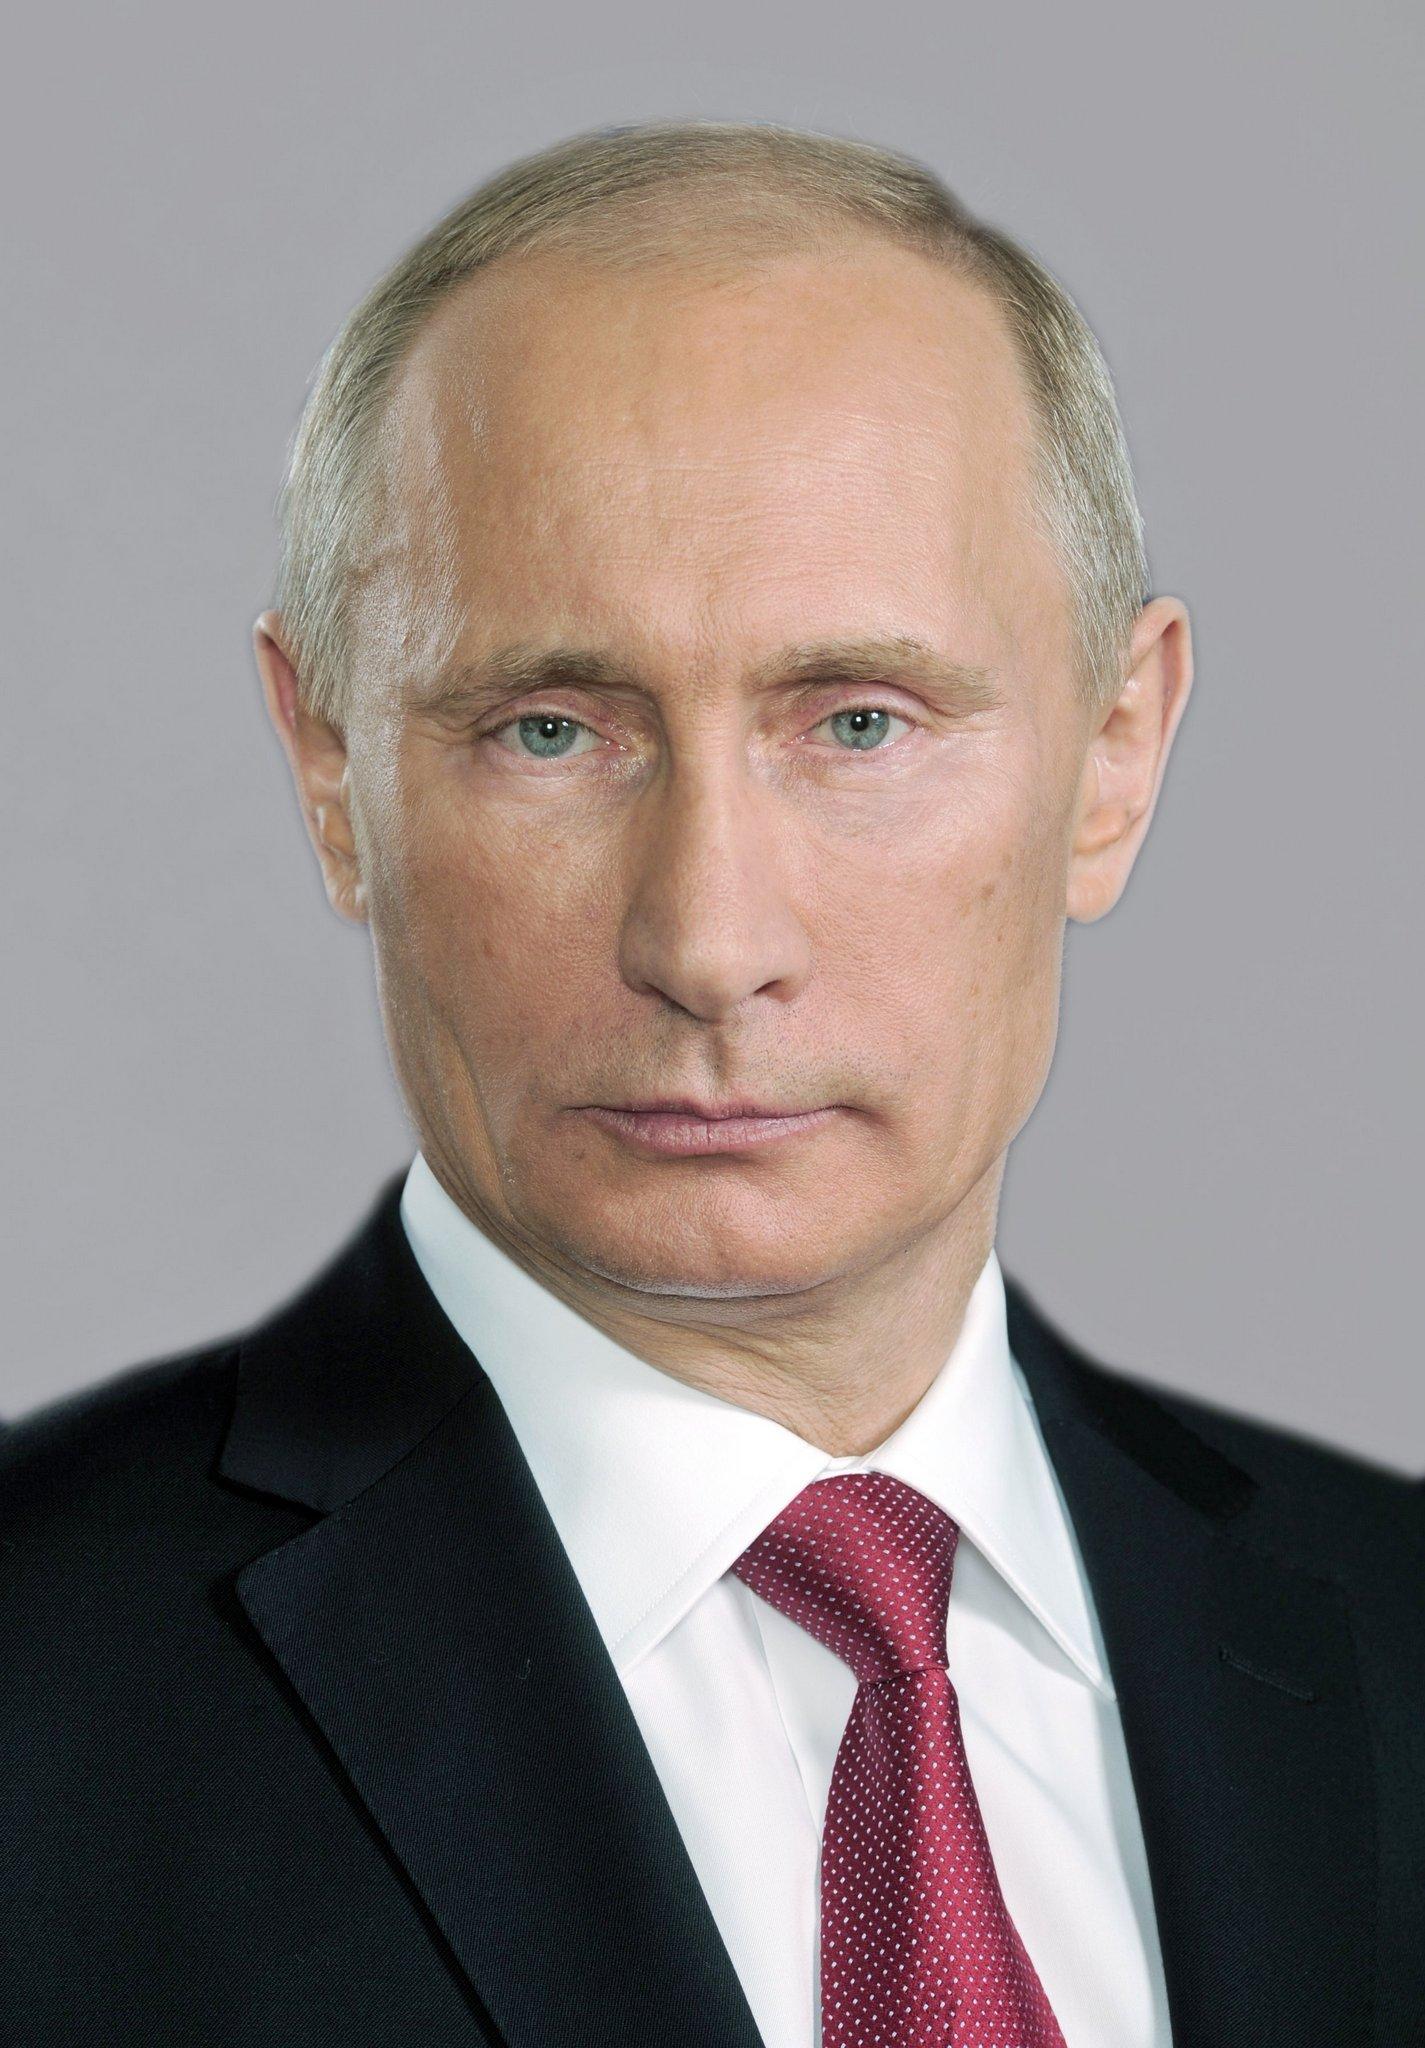 Обращение к В.В. Путину. Проект празднования 100-летия А.П. Маресьева